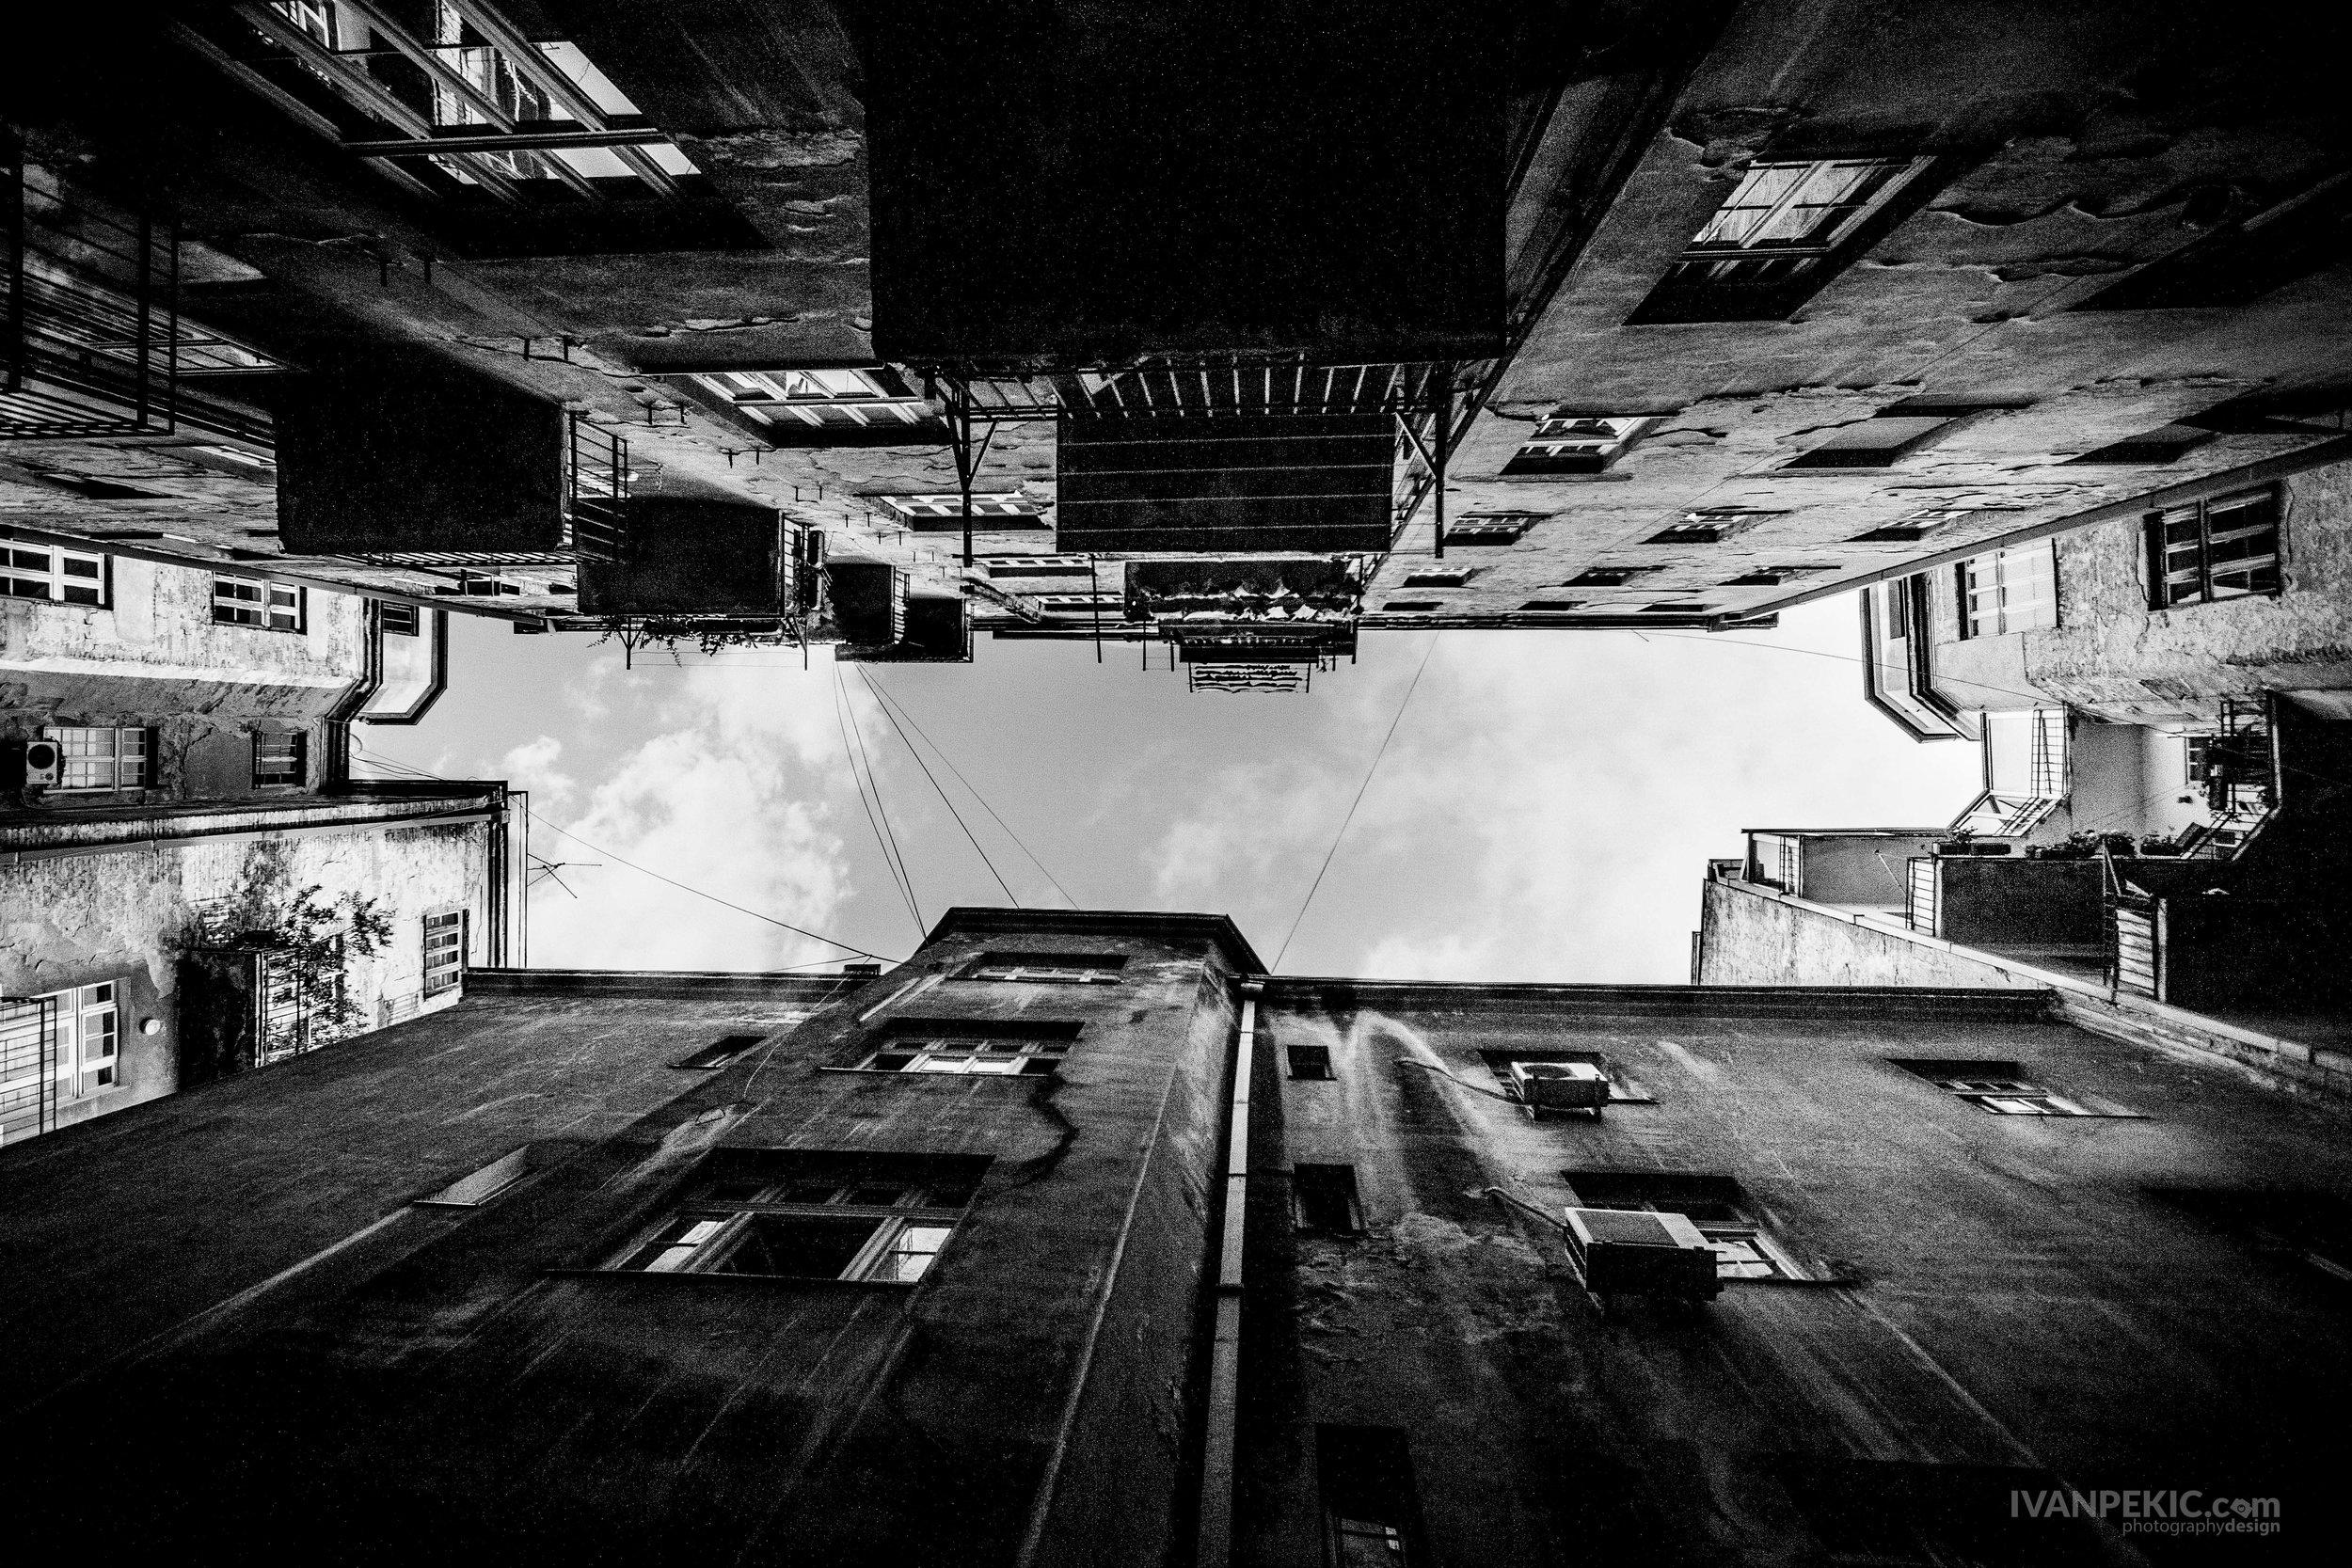 street knez ulicica prolaz sa sinama 5 perspektiva zgrade.jpg